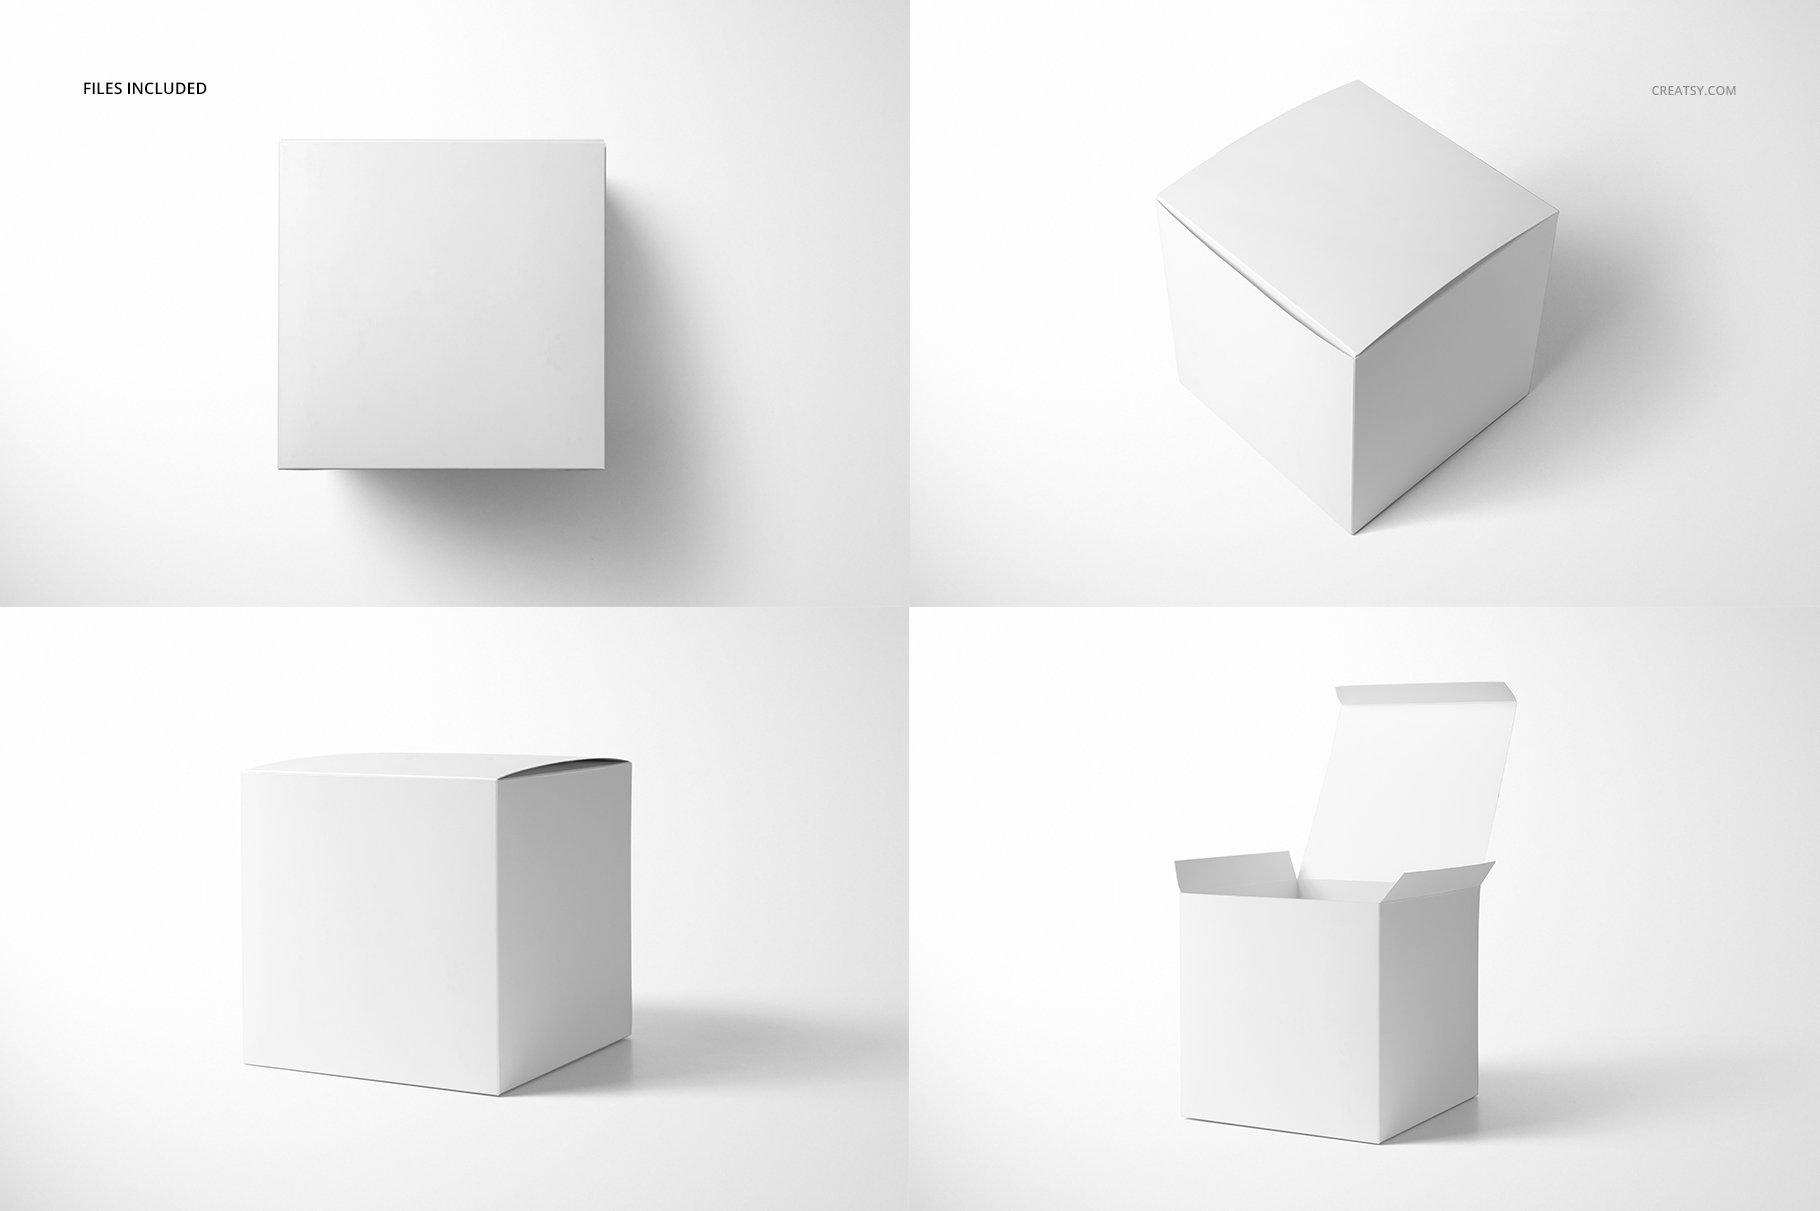 方形哑光产品礼品包装纸盒设计贴图样机套装 Matte Gift Square Box Mockup Set插图(2)